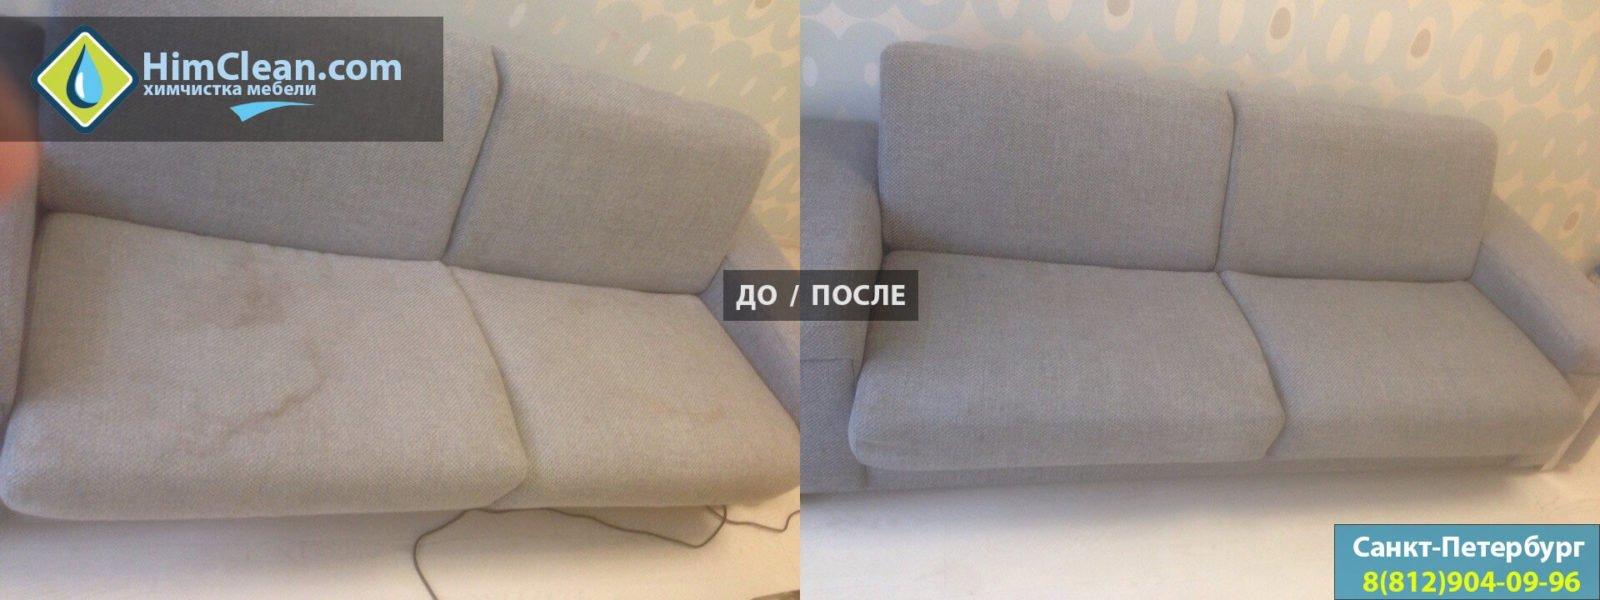 Химчистка полипропиленового дивана из ИКЕИ в СПб